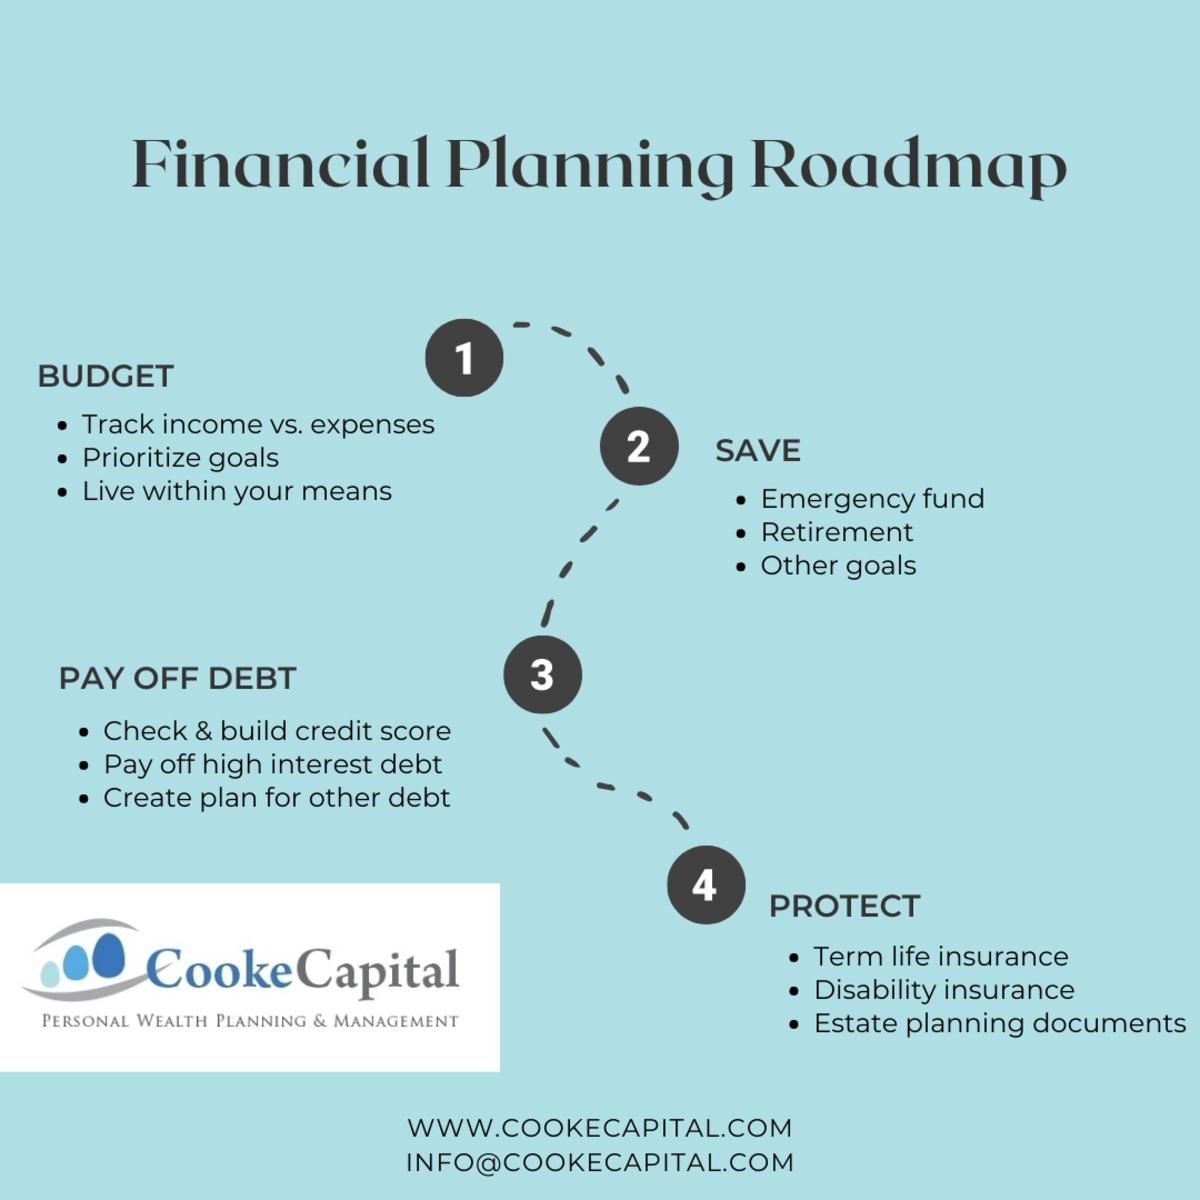 Financial planning roadmap